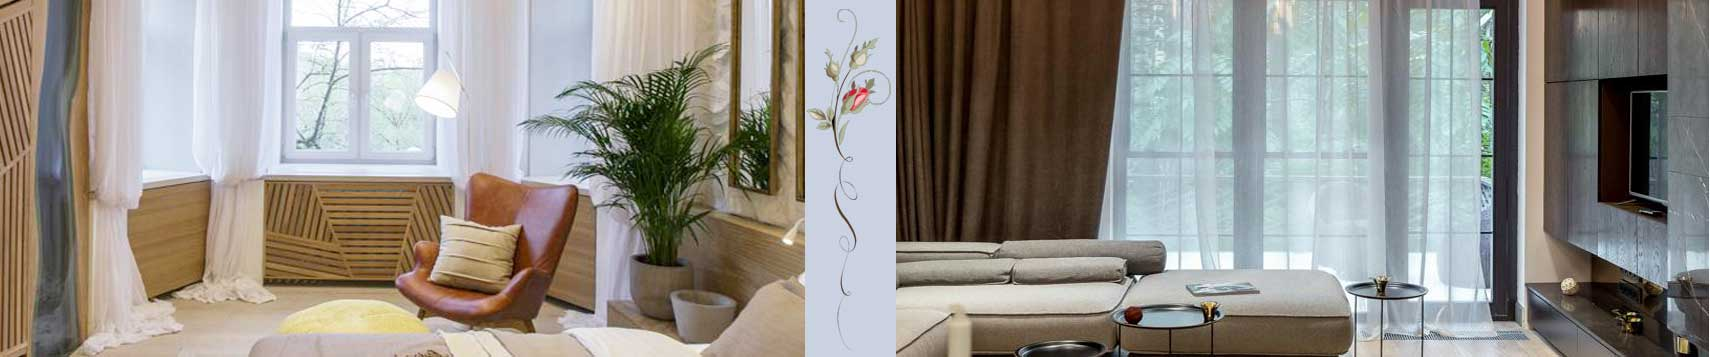 Пошив и дизайн современных штор в гостиную